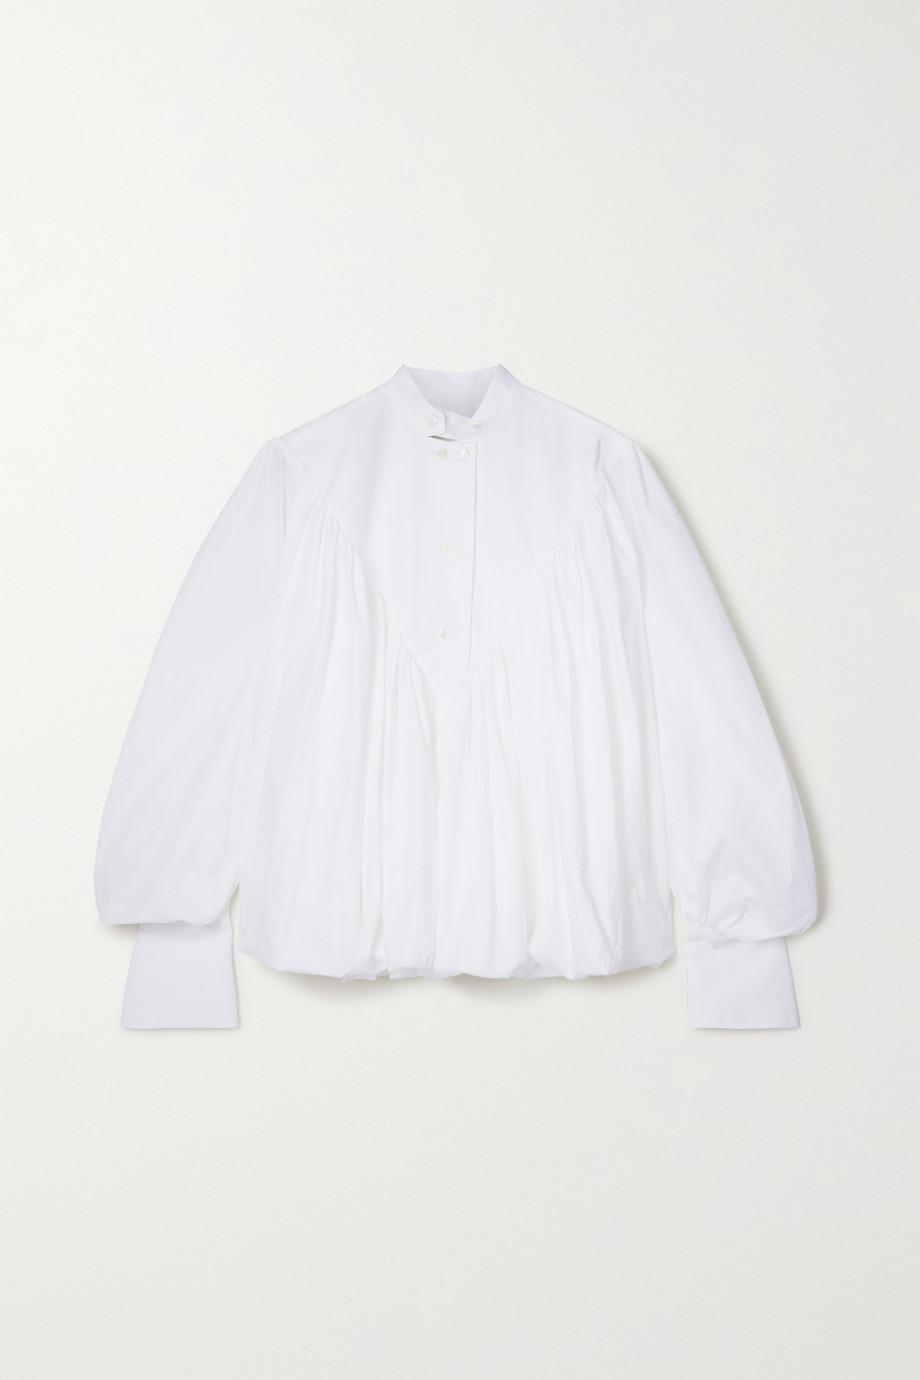 palmer//harding Ateles Hemd aus Popeline aus einer Baumwollmischung mit Falten